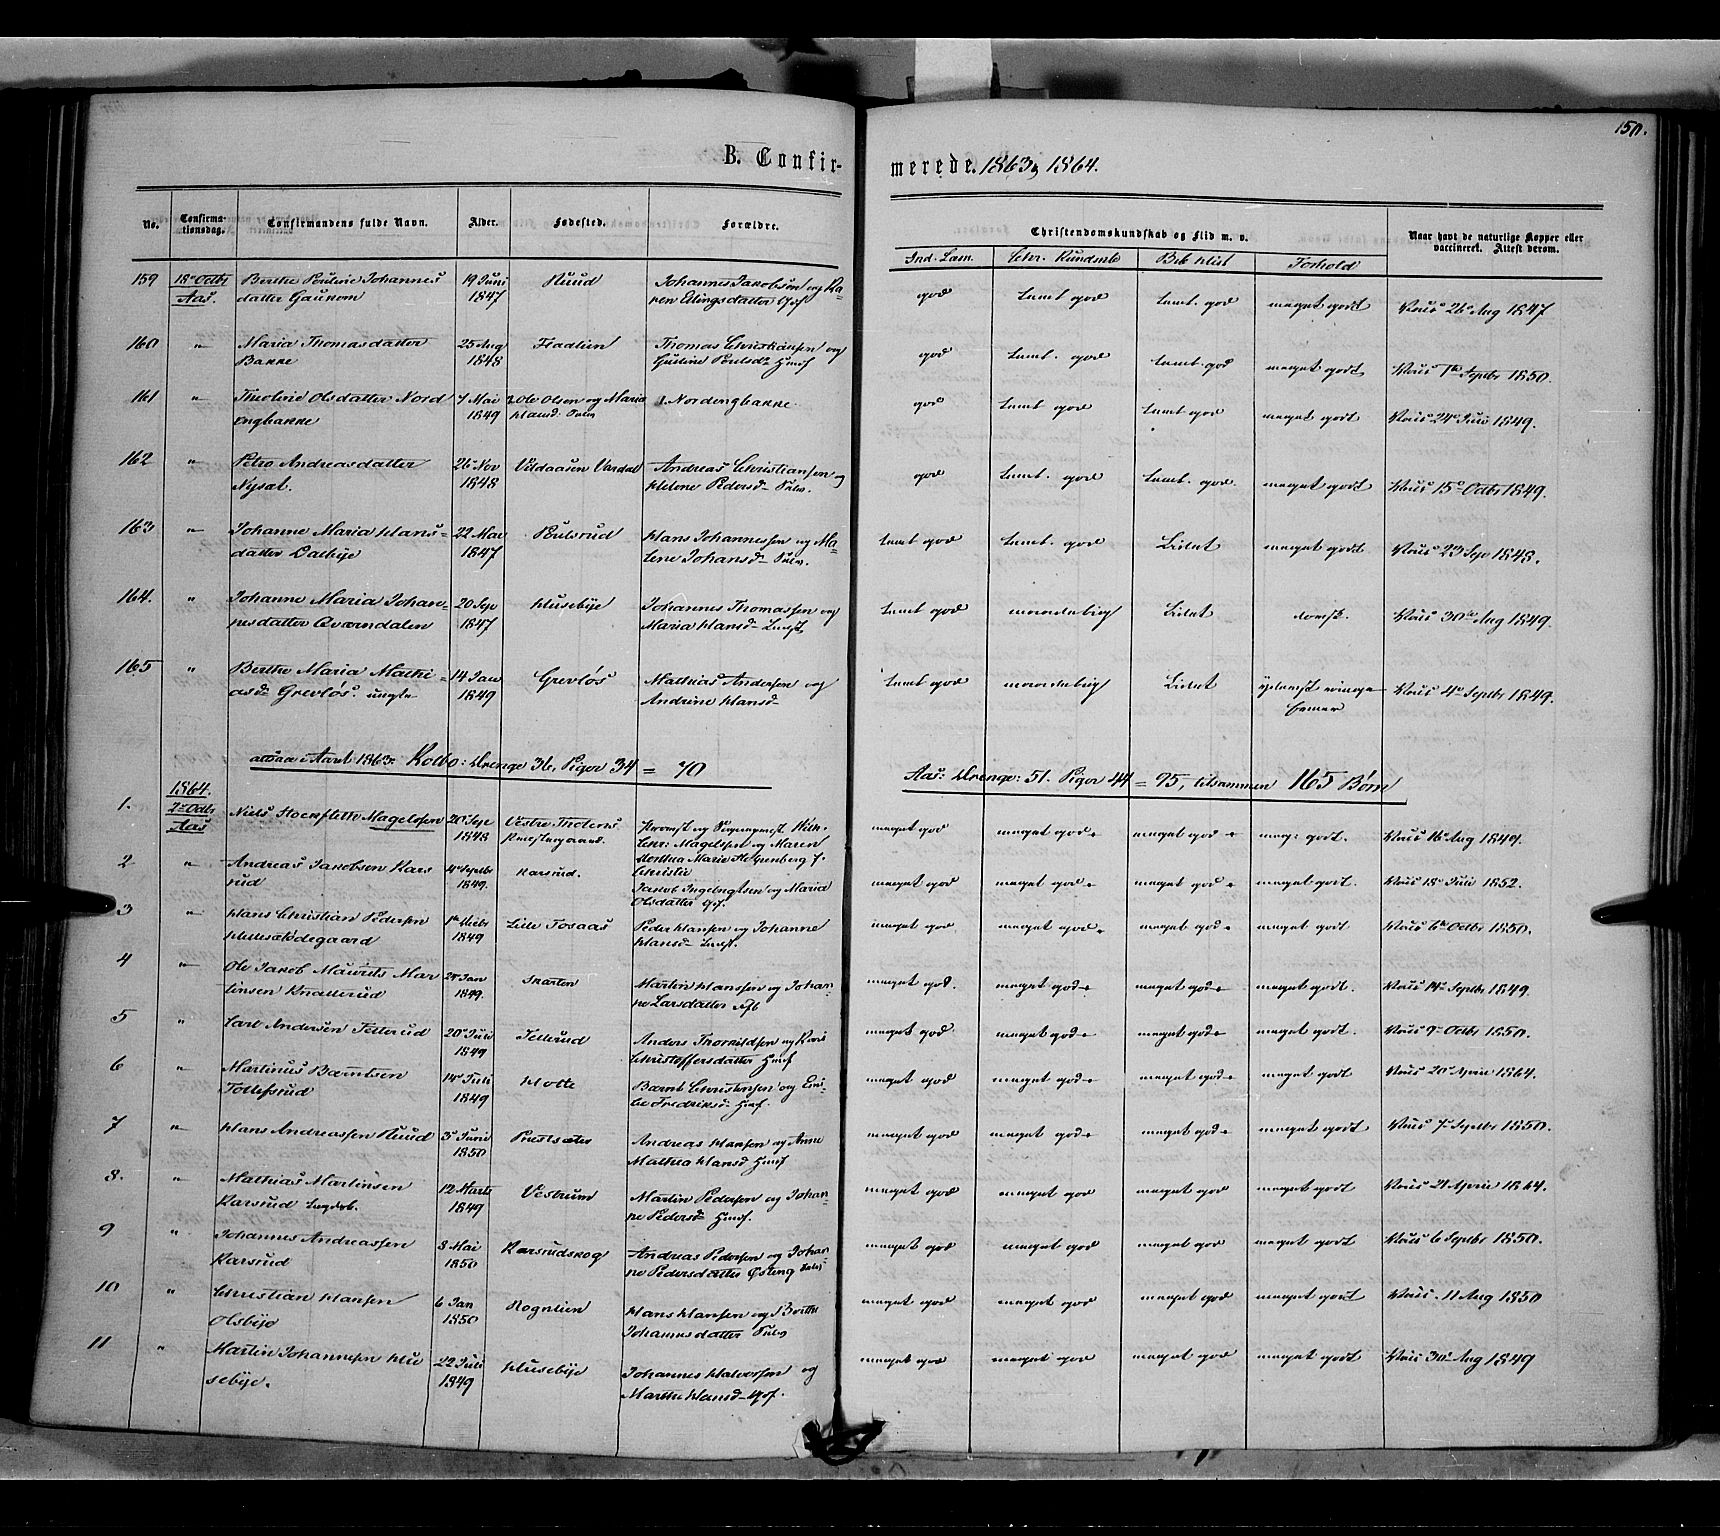 SAH, Vestre Toten prestekontor, Ministerialbok nr. 7, 1862-1869, s. 150